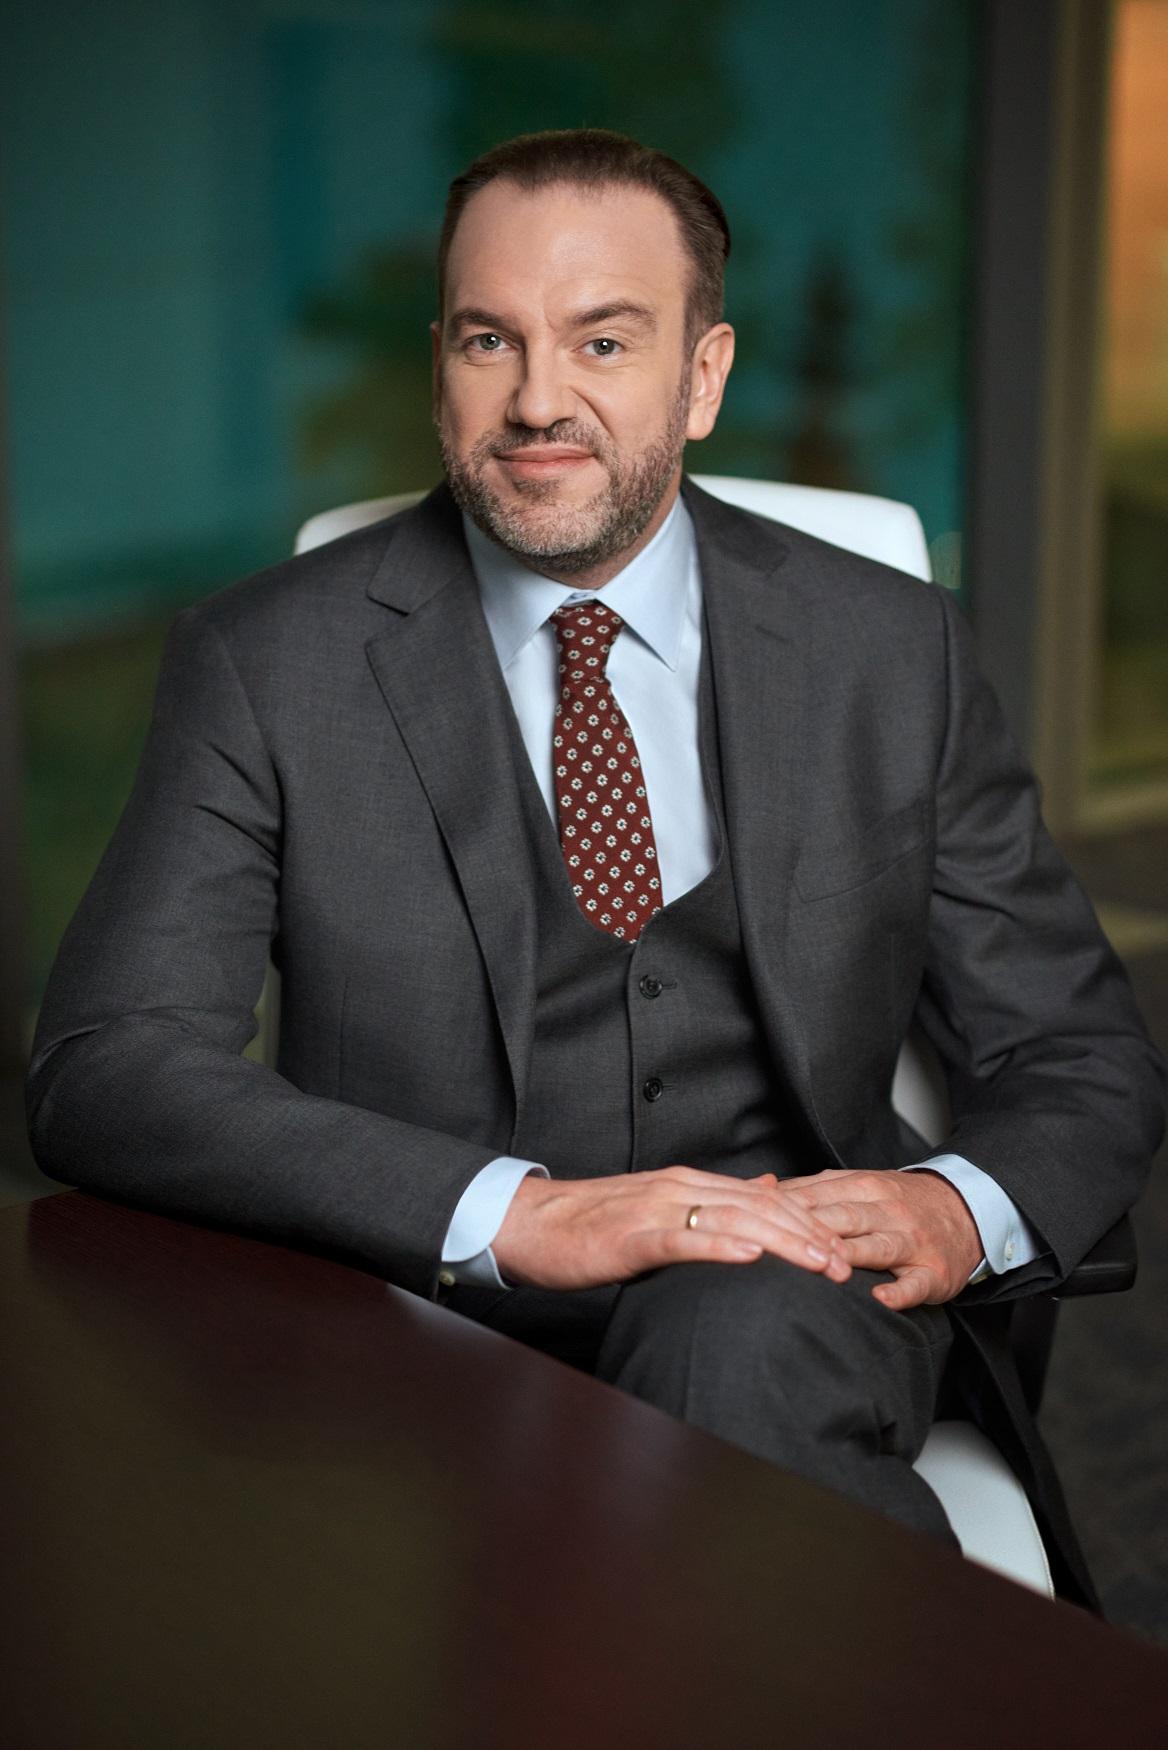 Дмитрий Брейтенбихер возглавил объединенный департамент Private Banking и «Привилегия» ВТБ